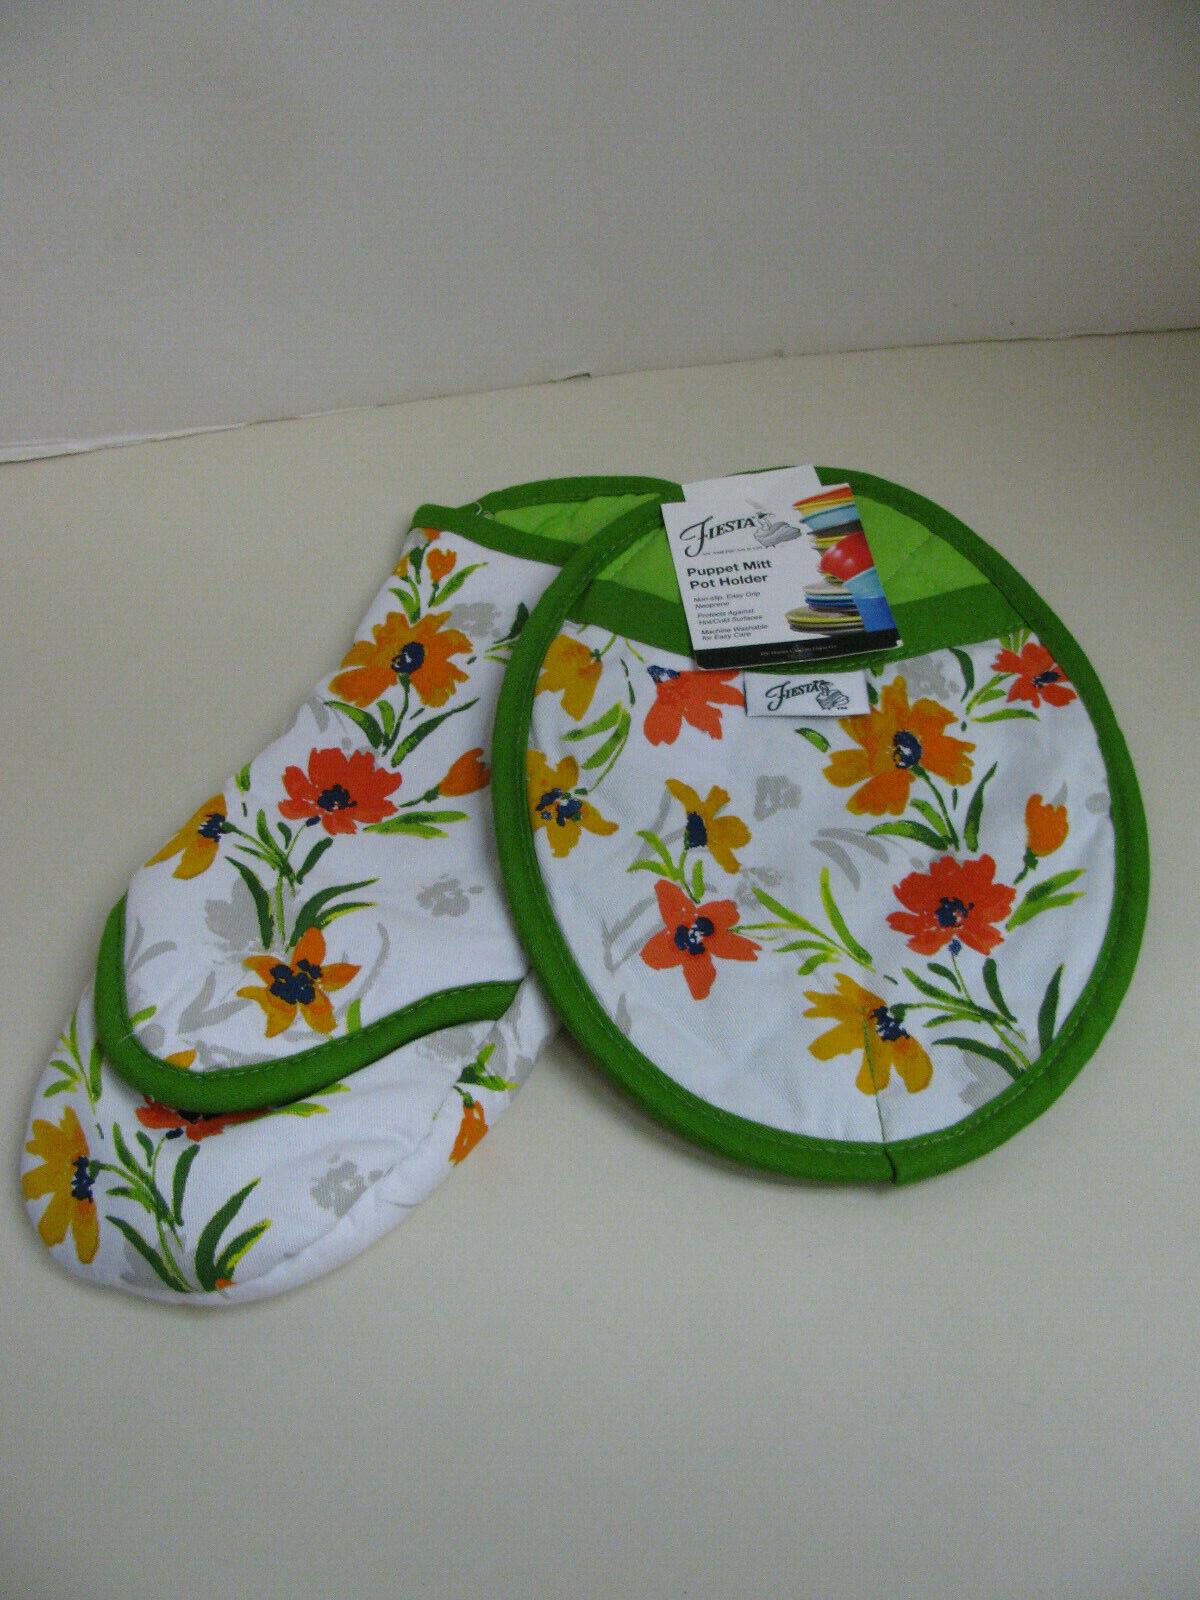 Fiesta Puppet Style Oven Mitt and Pot Holder - Green / Flora